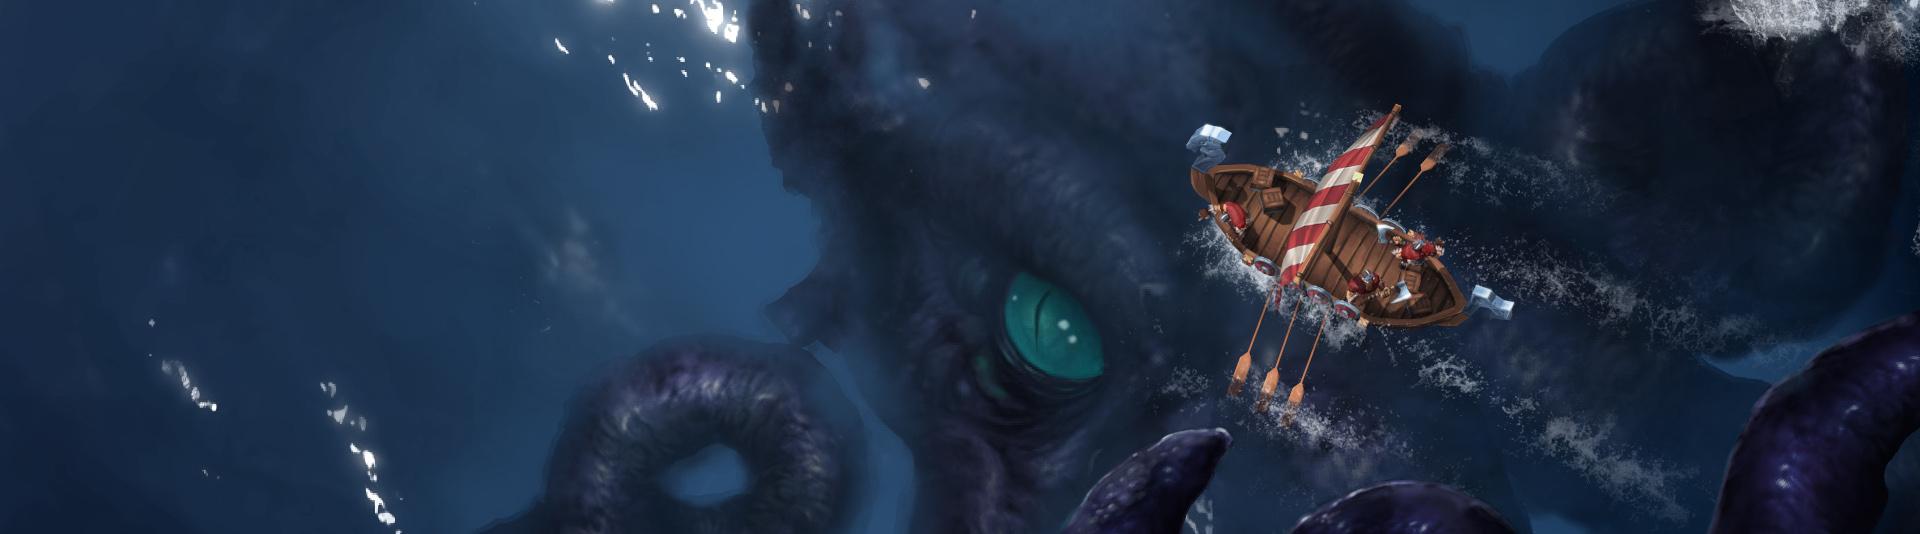 Northgard Clan of the Kraken DLC